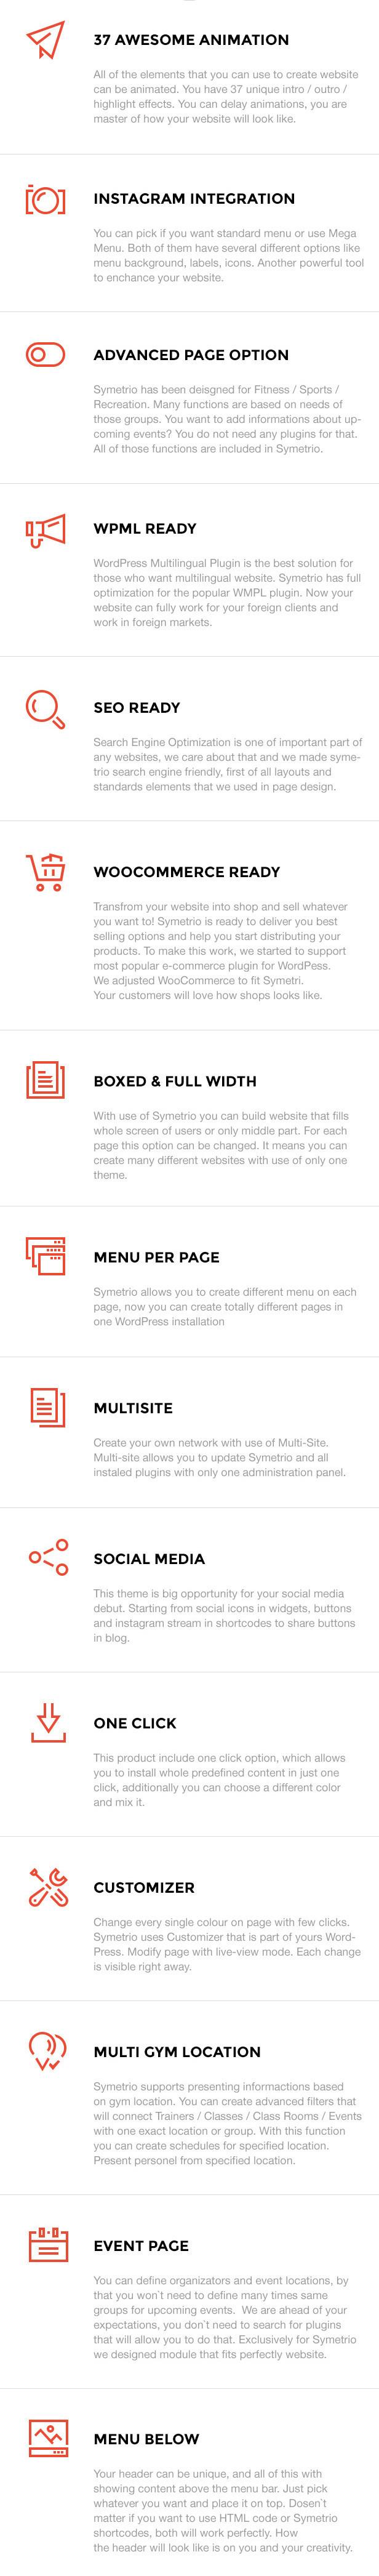 WIU1Qx - Symetrio - Gym & Fitness WordPress Theme